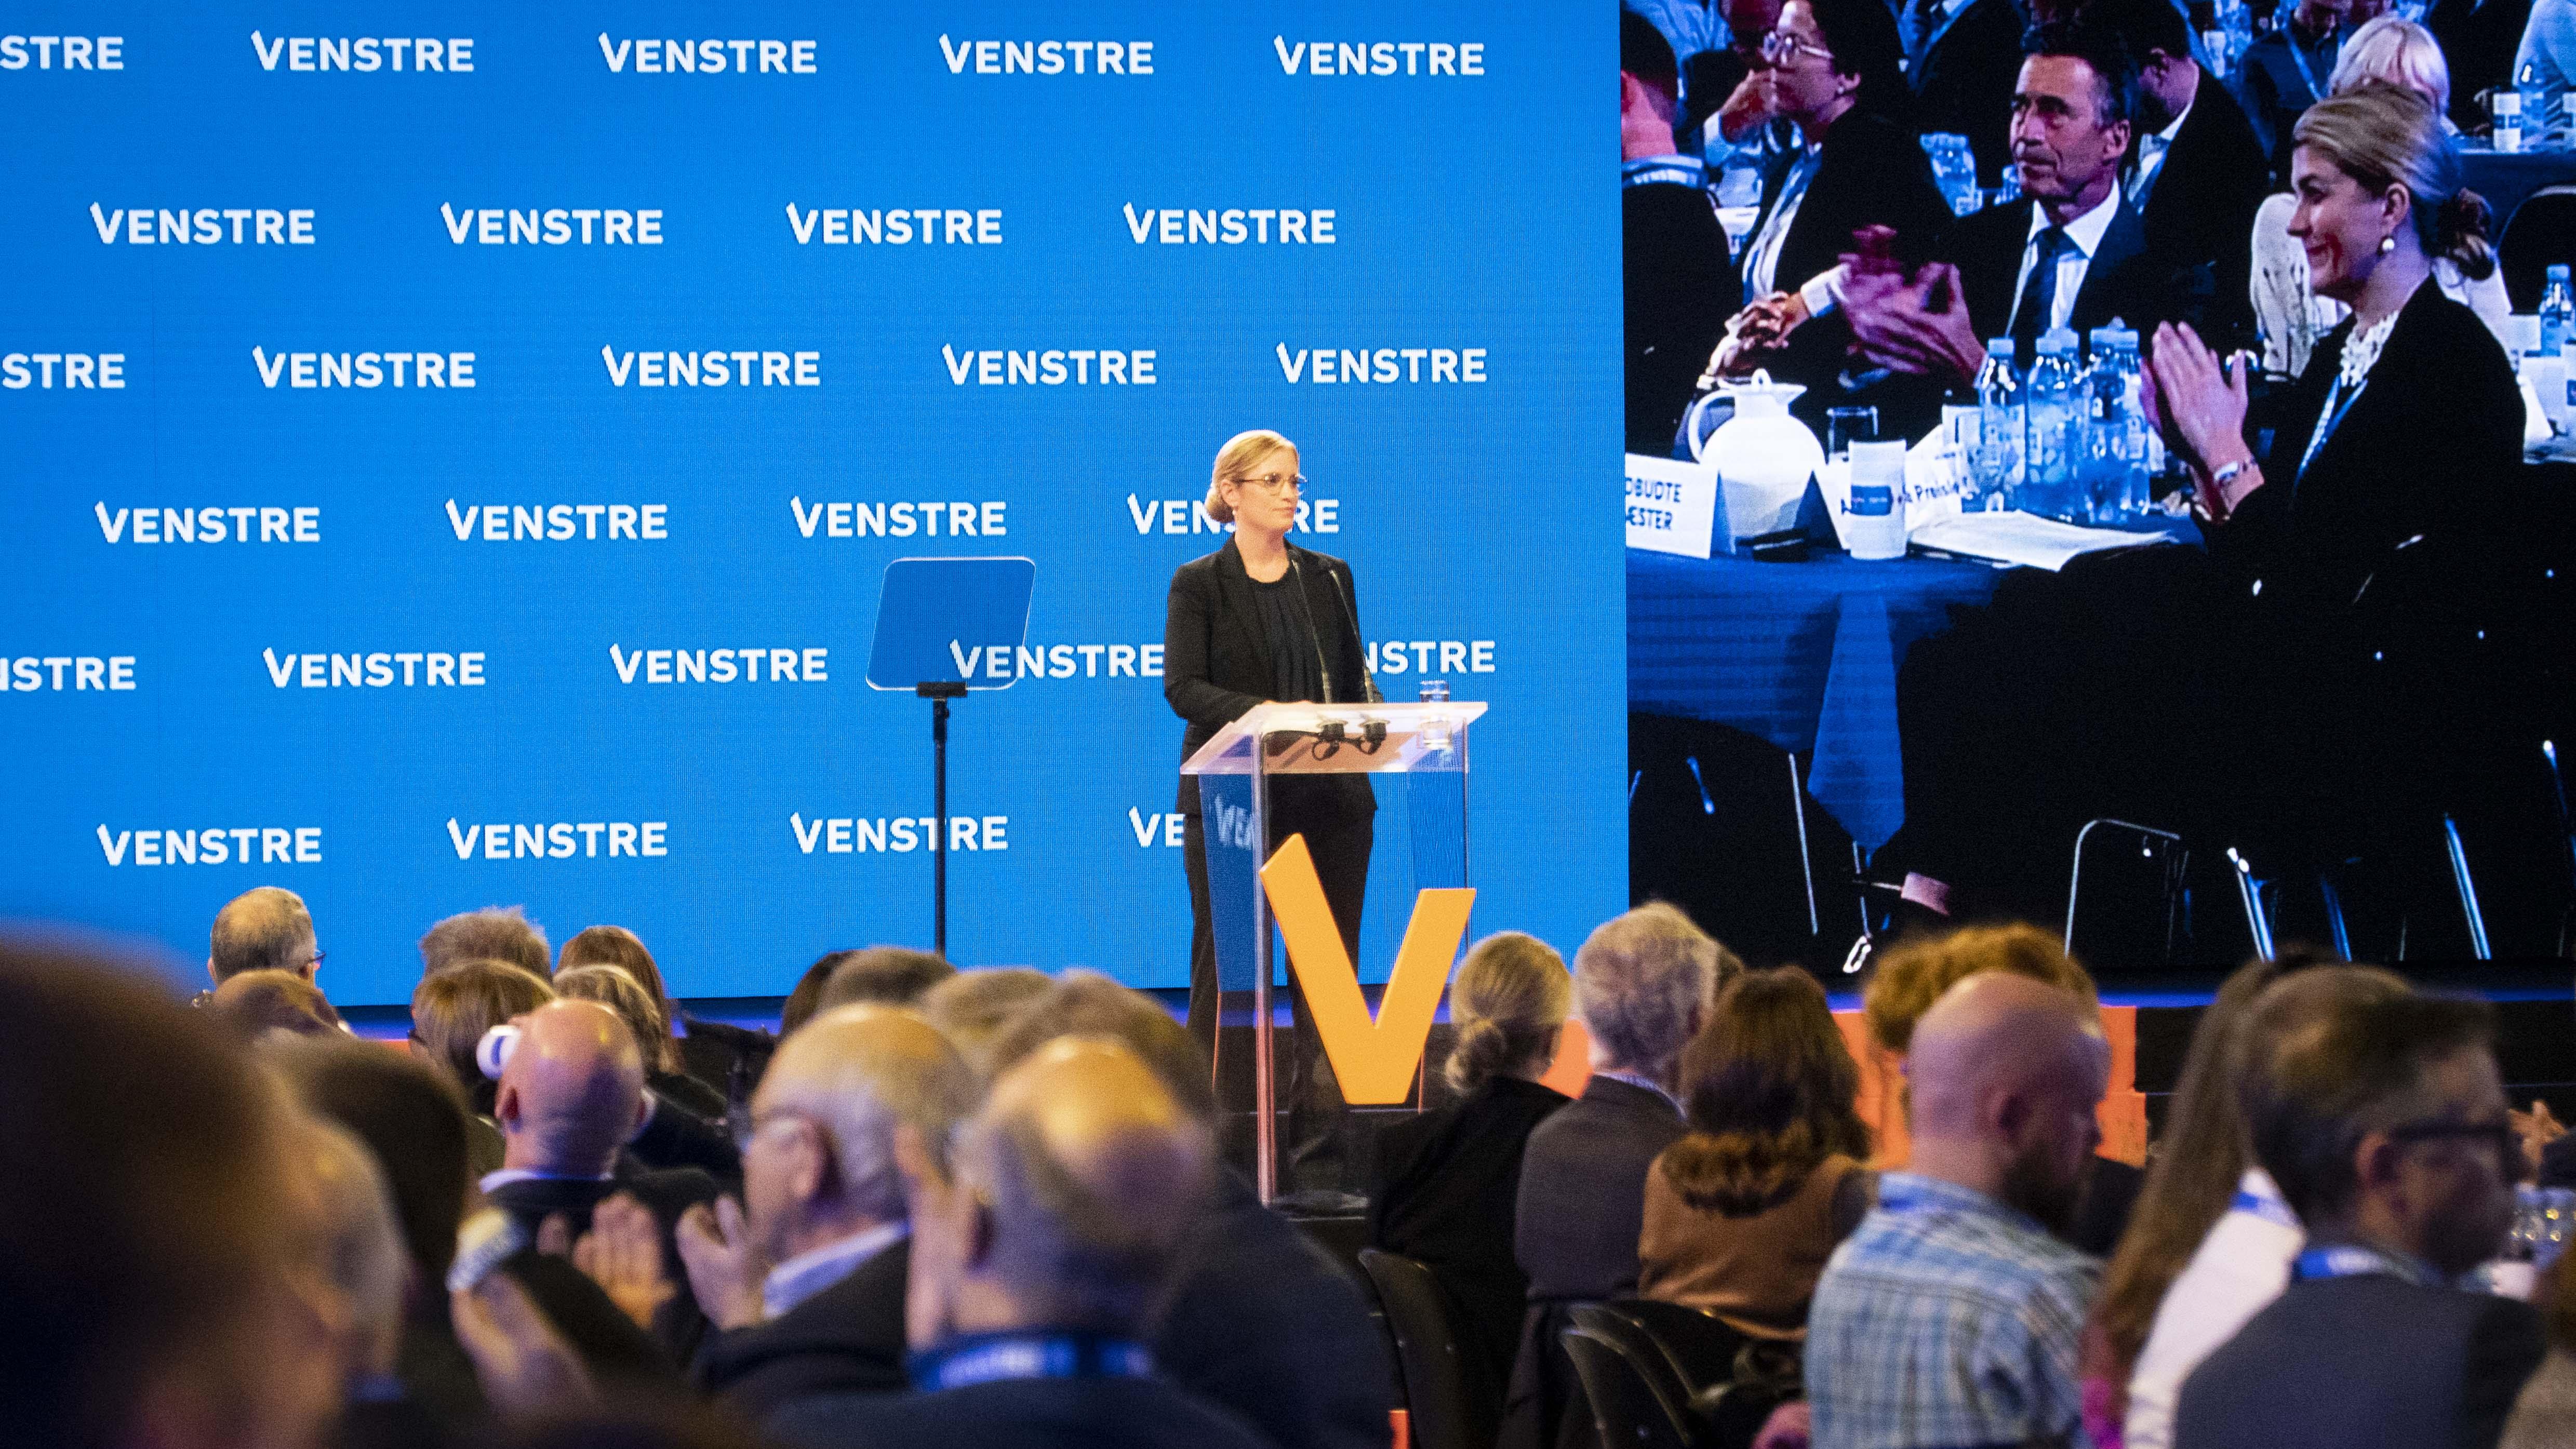 Venstres næstformand Stephanie Lose på talerstolen til Venstres Landsmøde 2021.